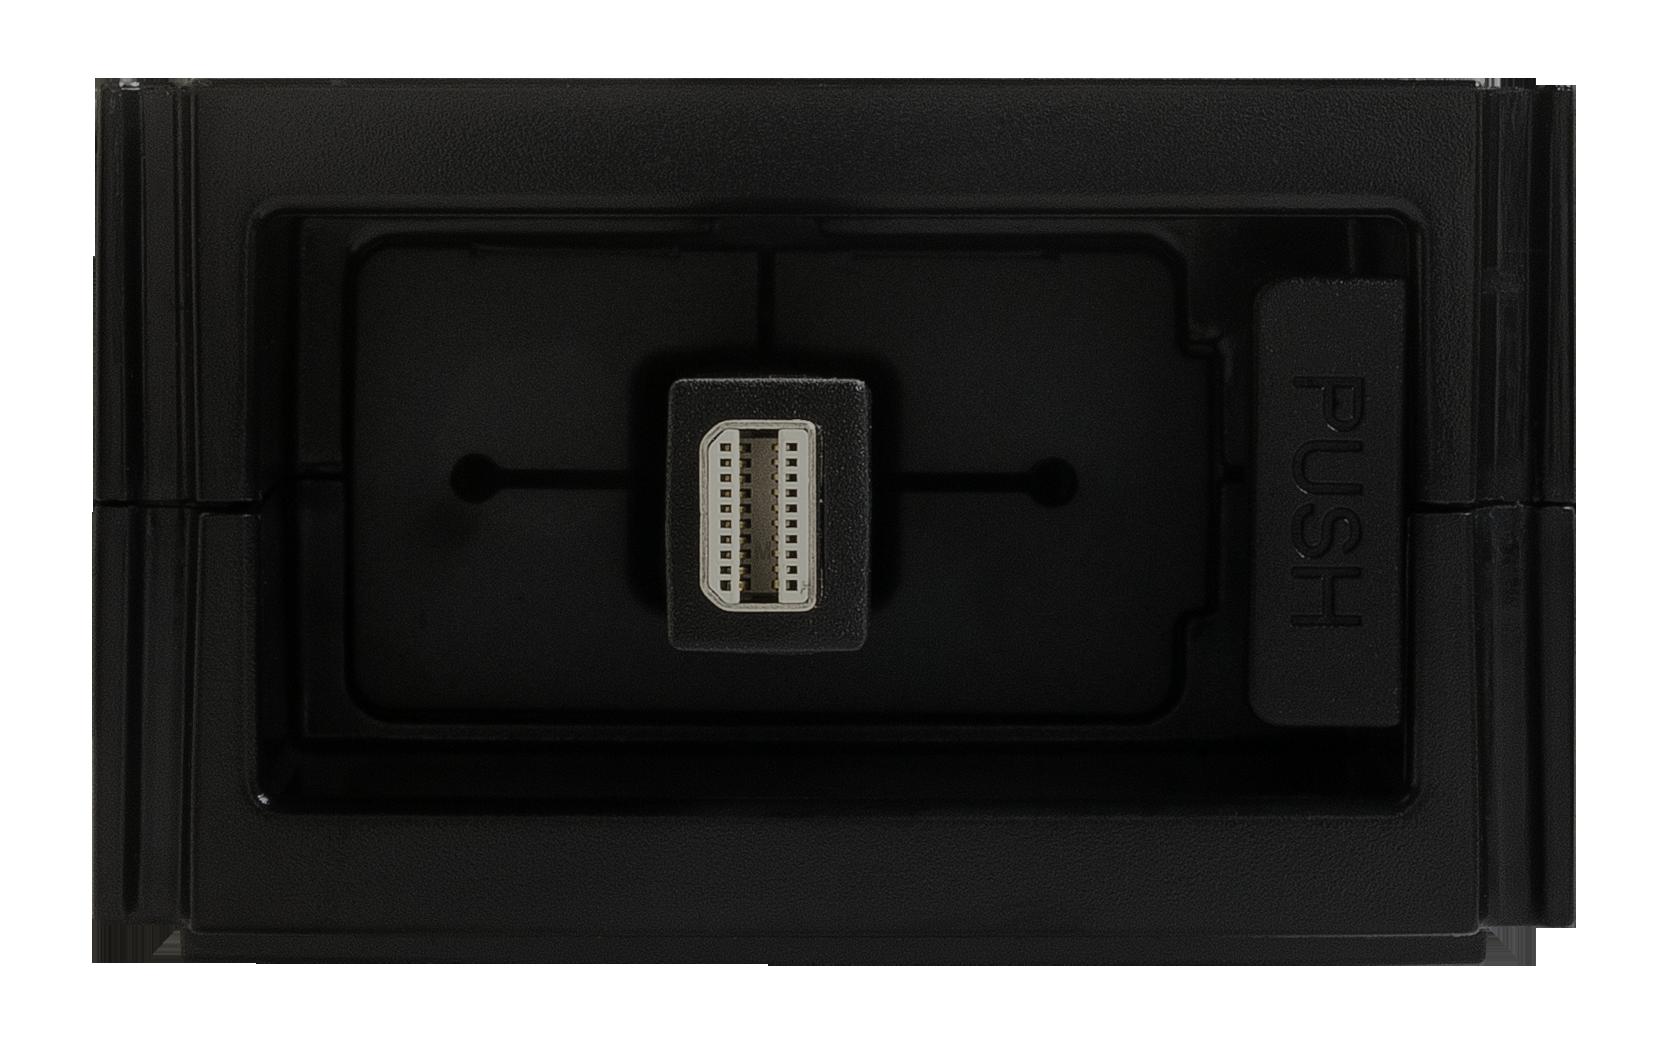 HPX-AV102-MDP-R Collar Detatched